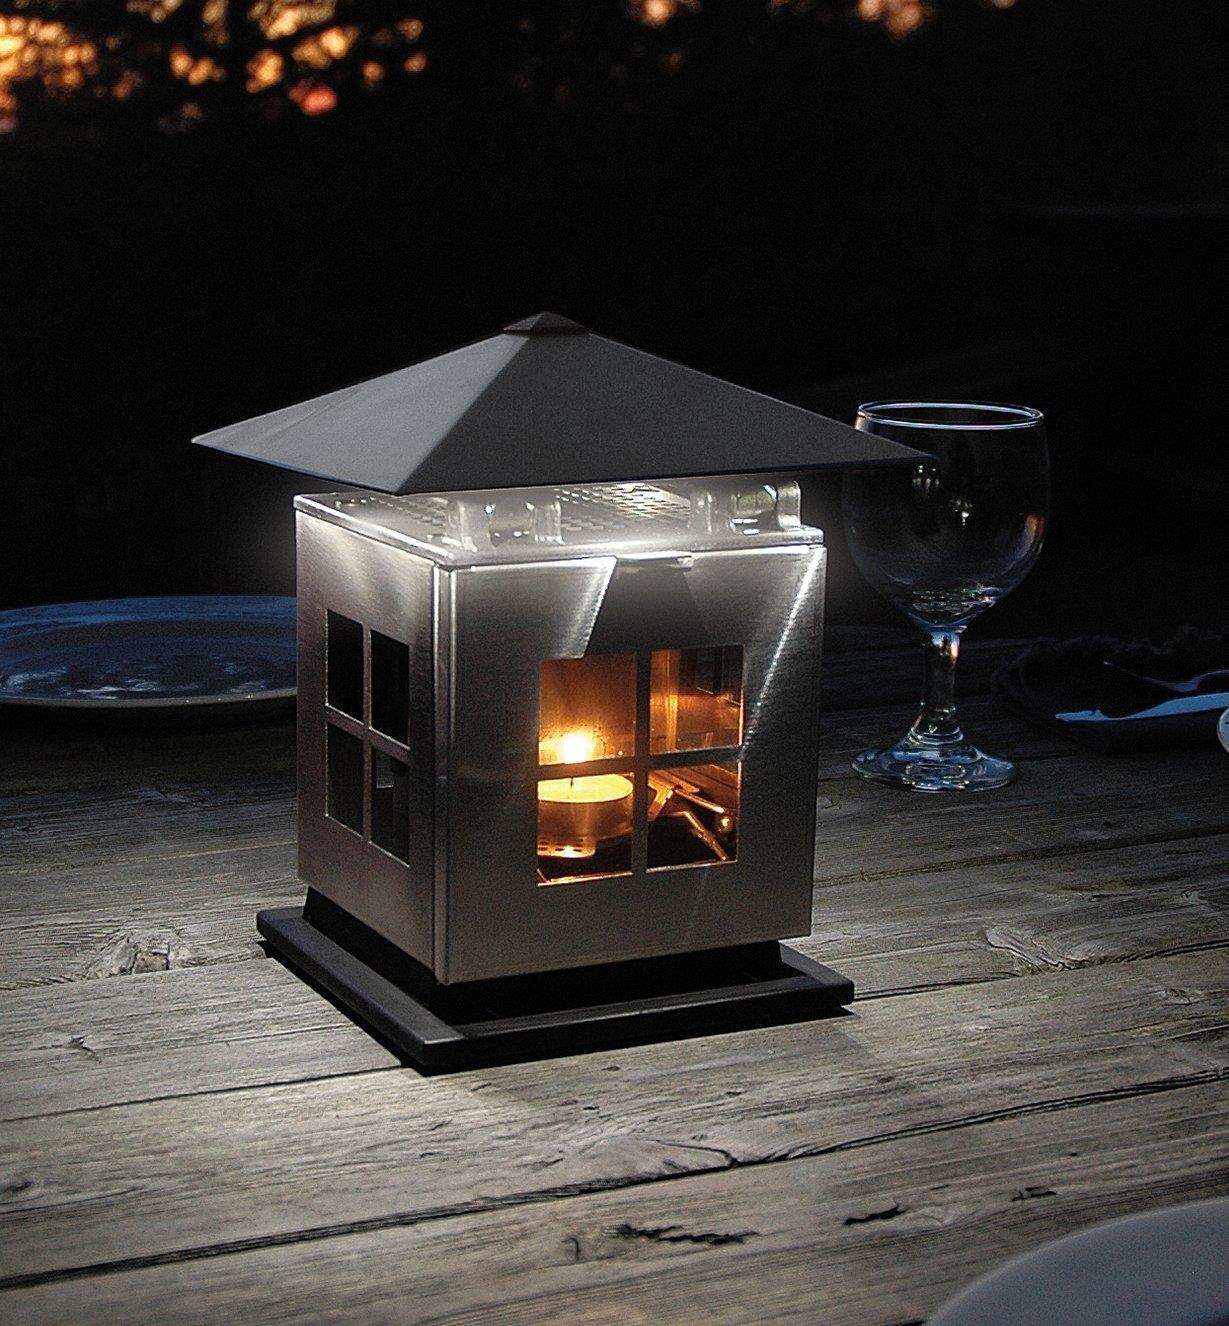 Lanterne à DEL alimentée par bougie posée sur une table d'extérieur avec le petit toit abaissé pour éclairer une zone limitée